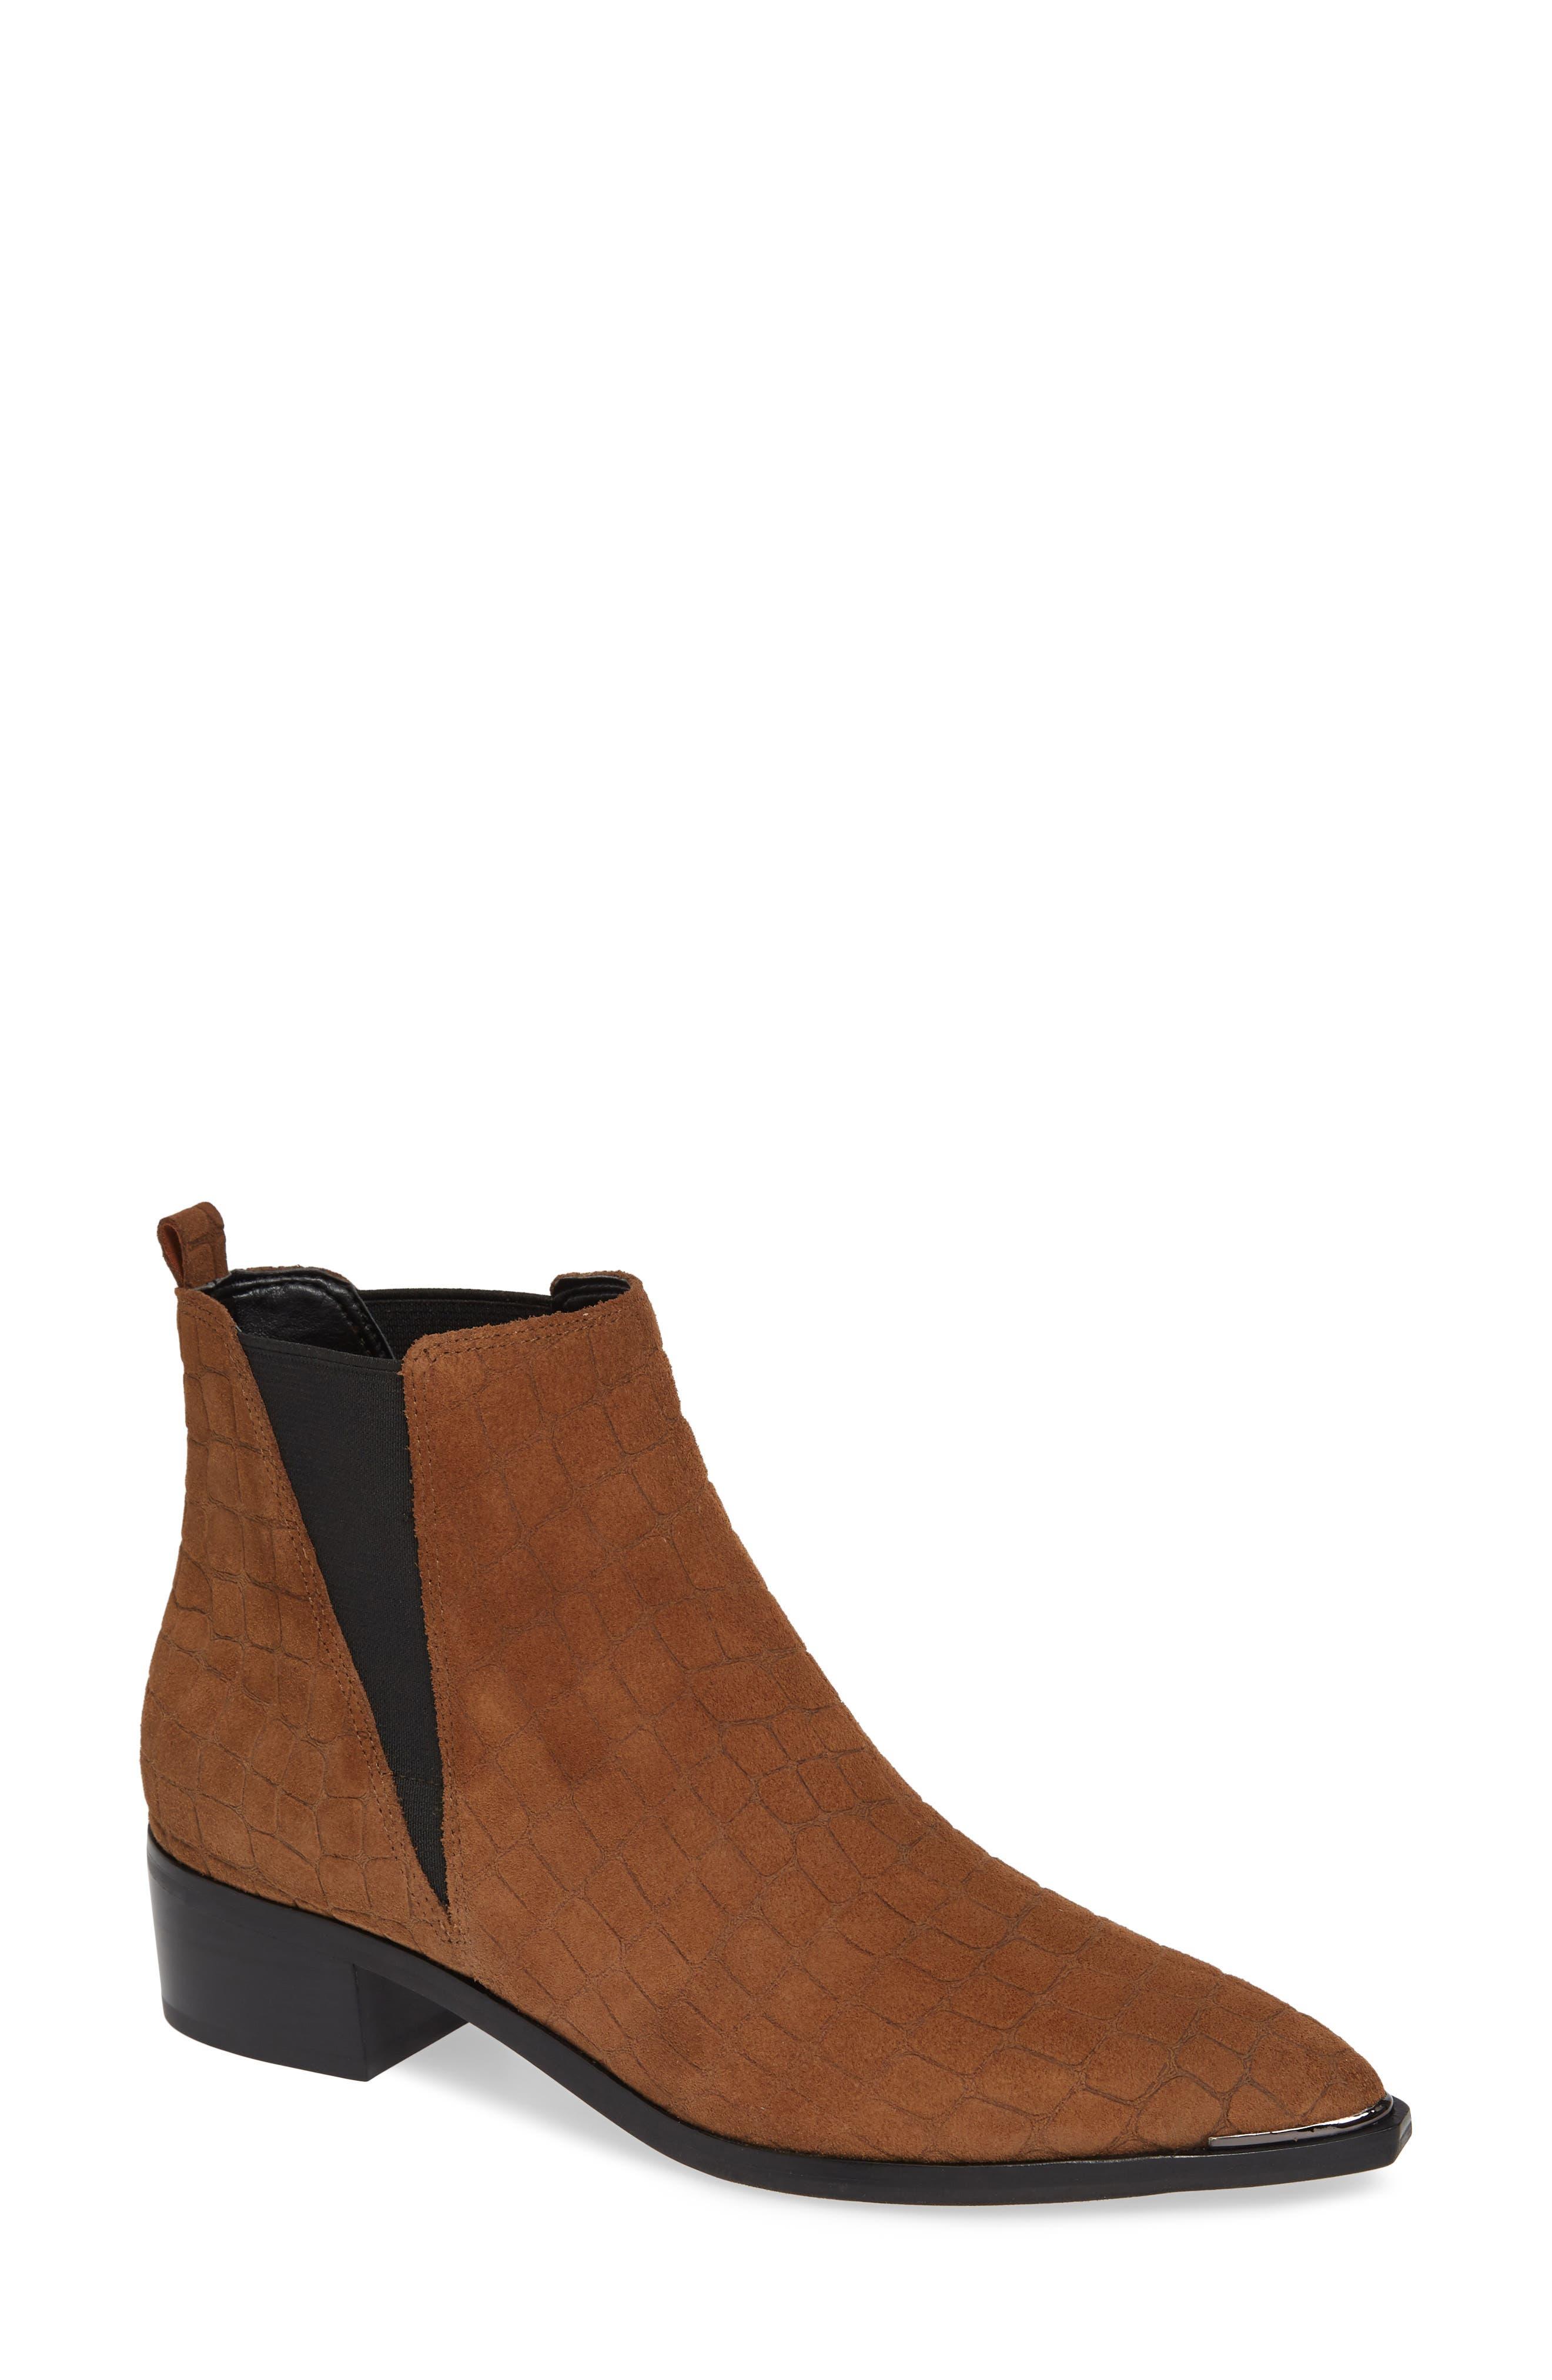 'Yale' Chelsea Boot,                             Main thumbnail 1, color,                             Cognac Suede